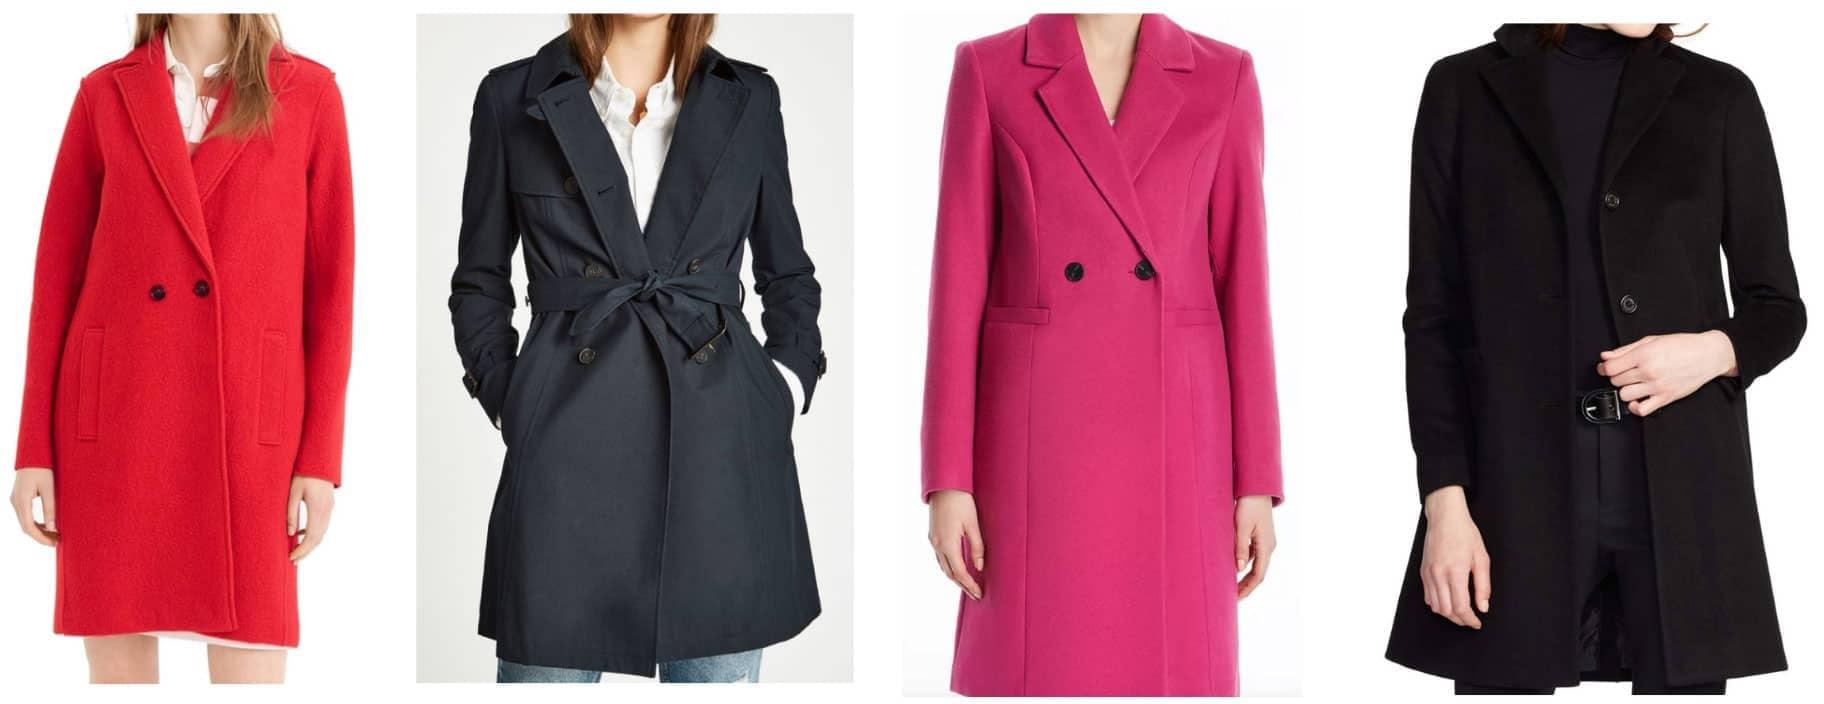 Preppy style coats